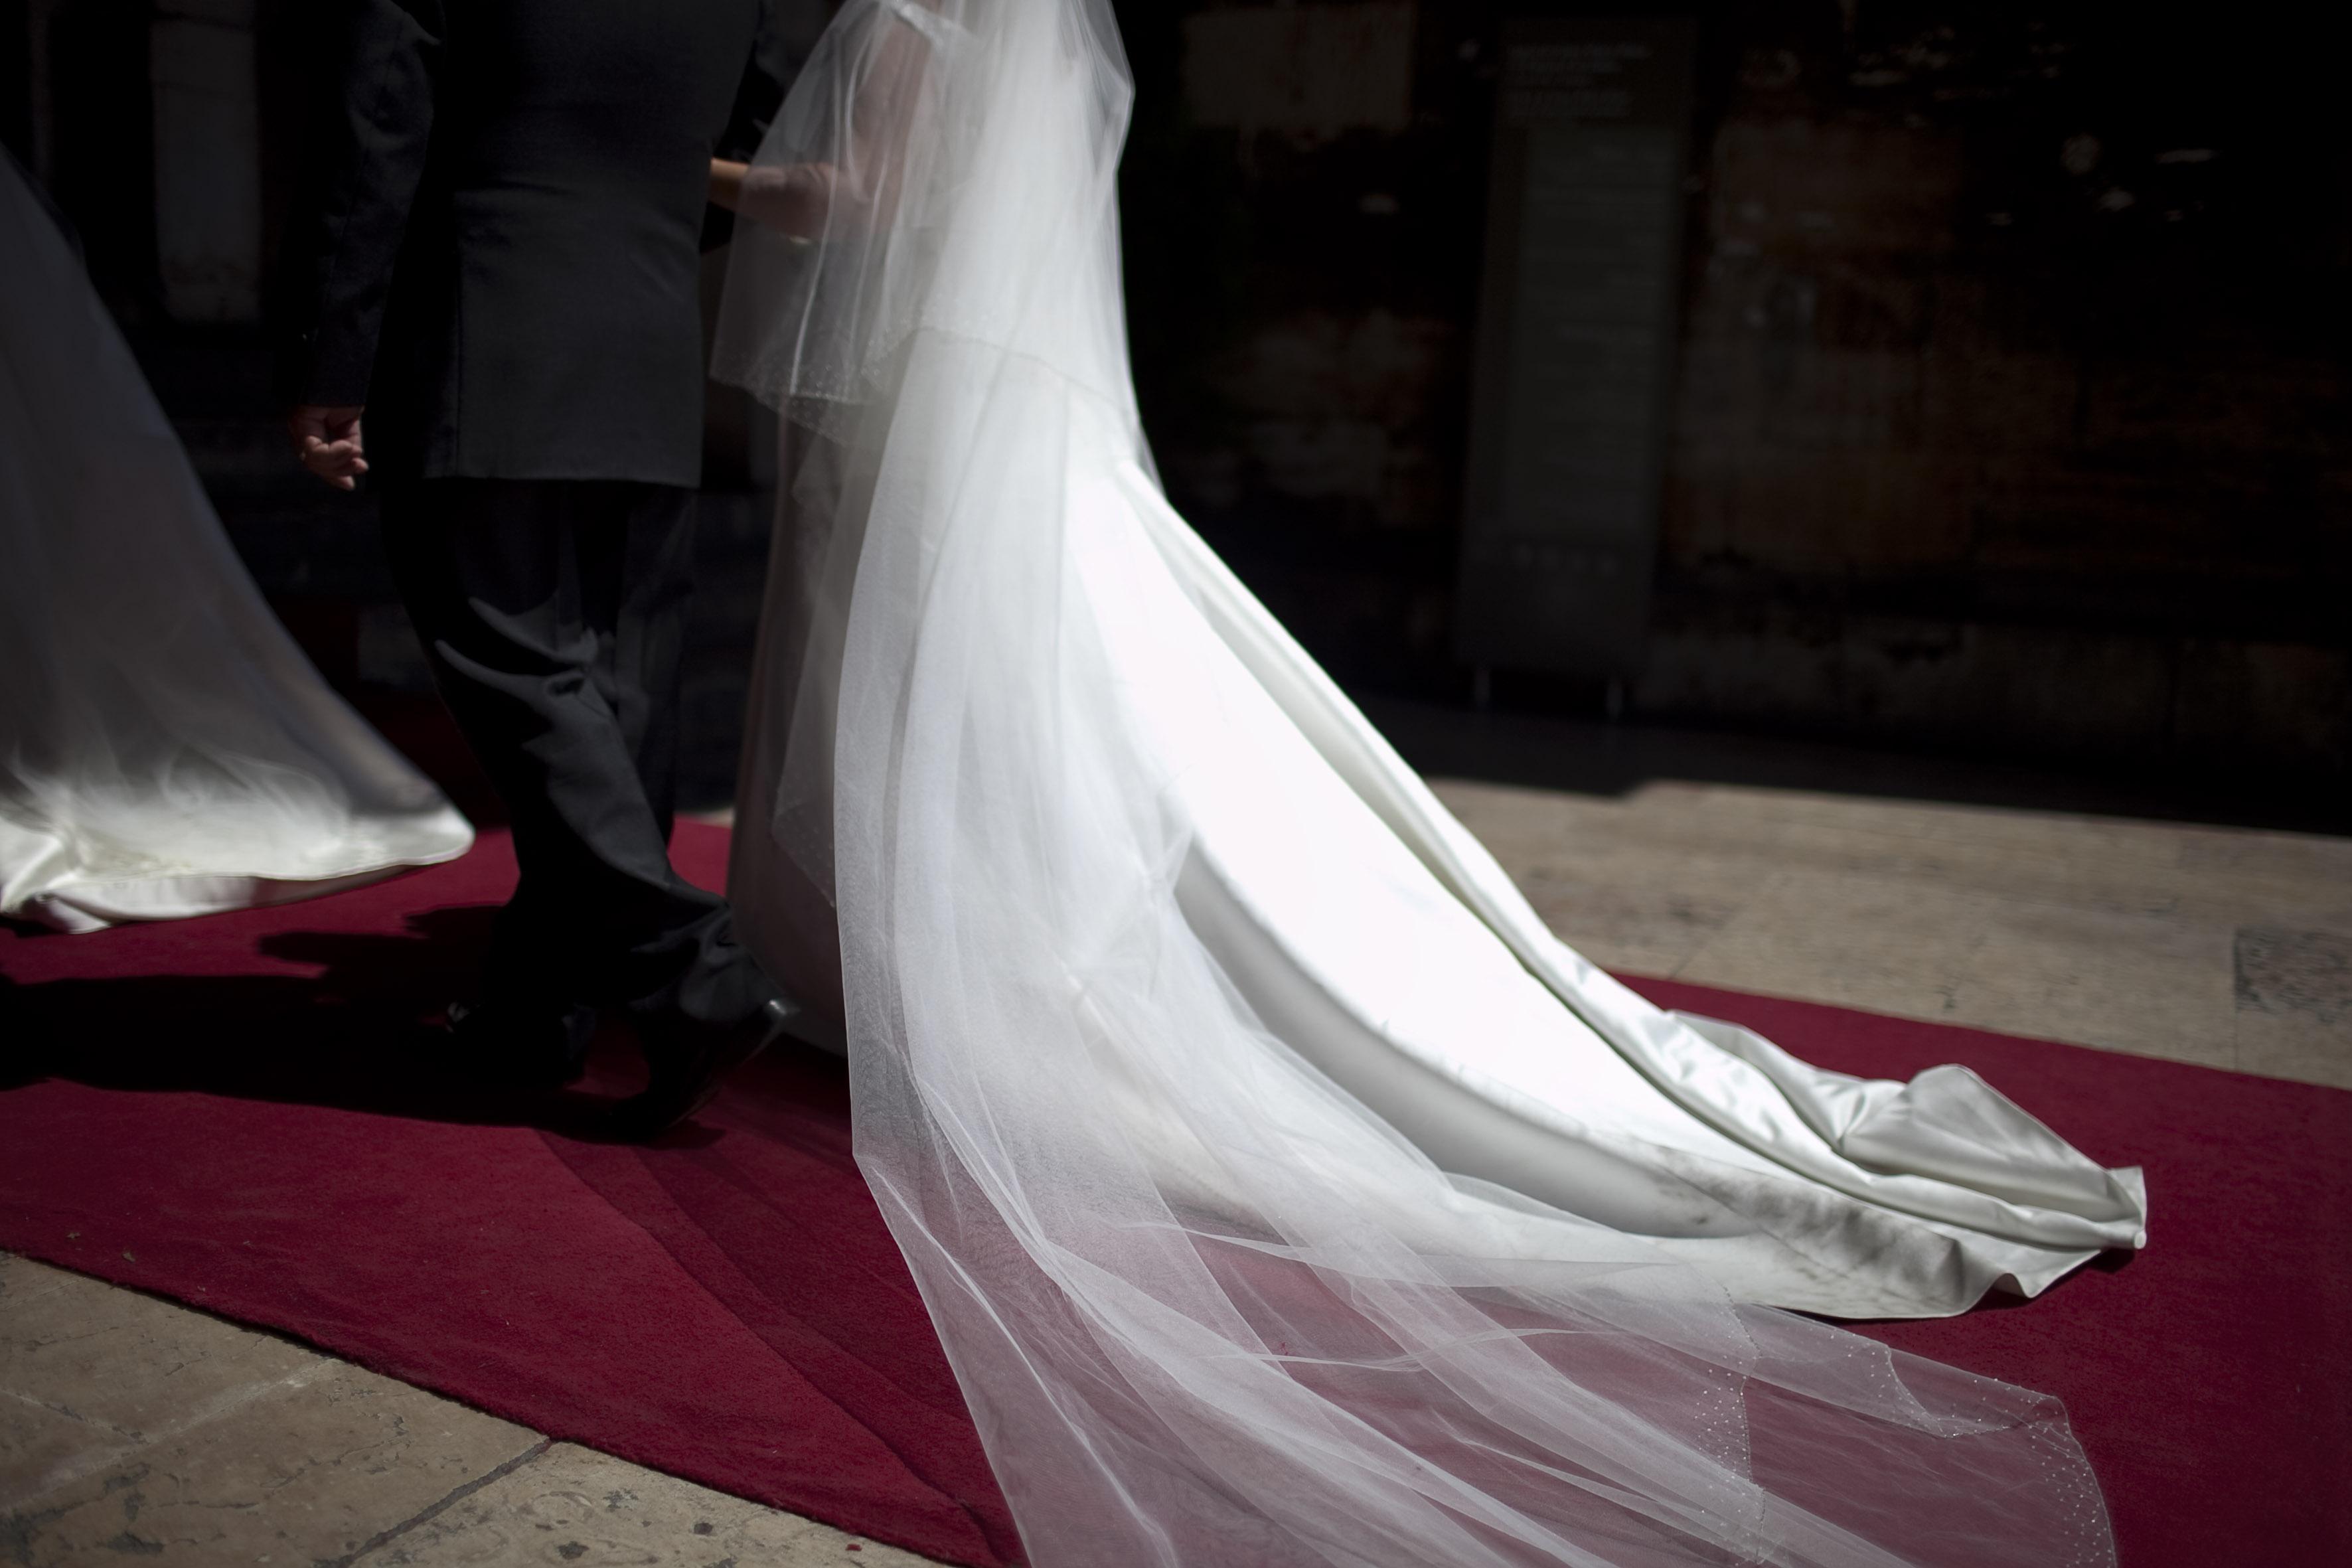 Casamento dispendioso pode terminar em divórcio